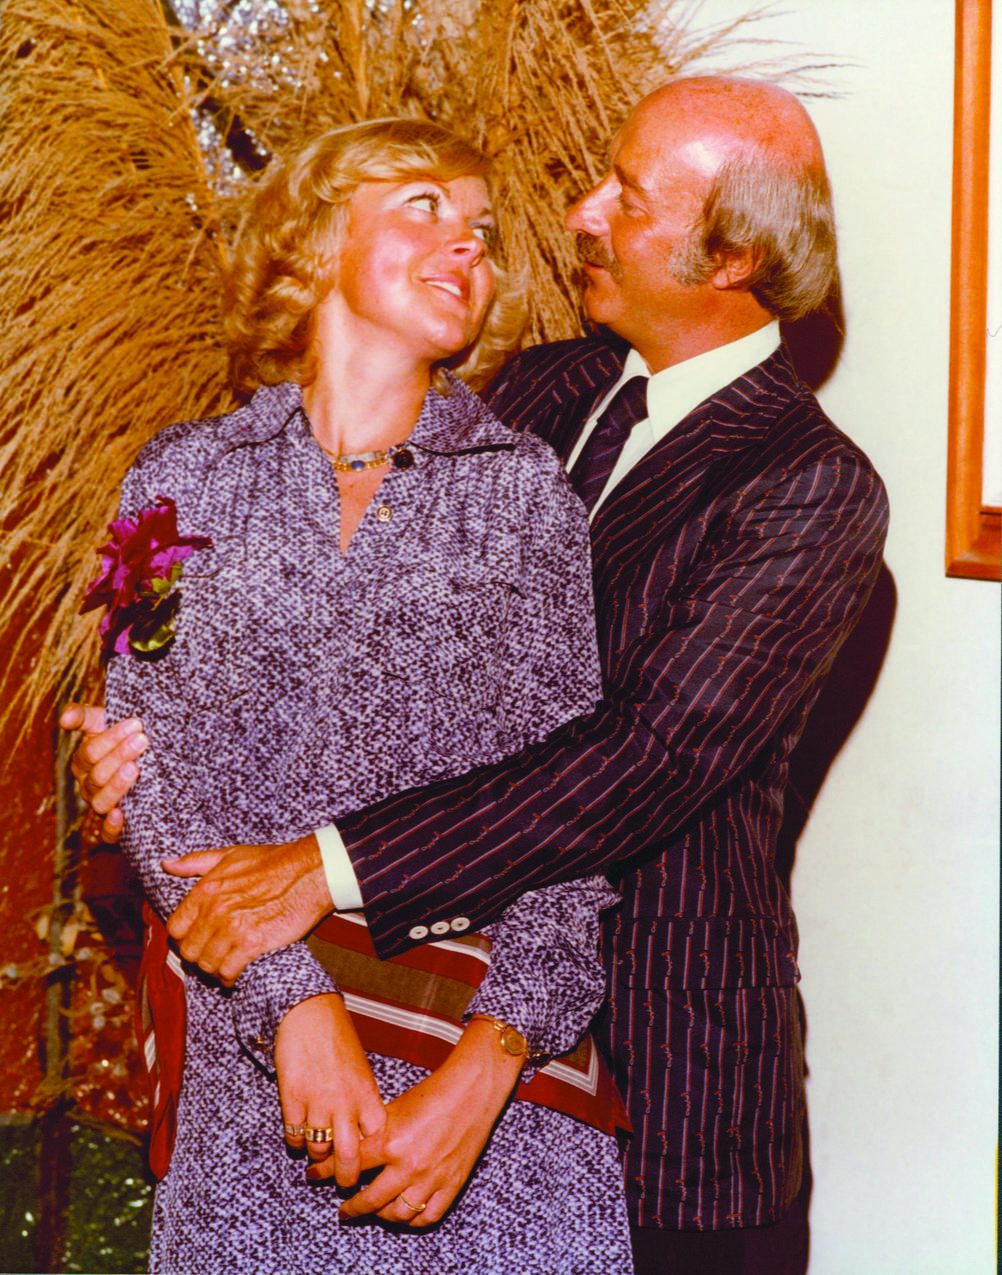 Jenny i Paolo Gucci w dniu ślubu